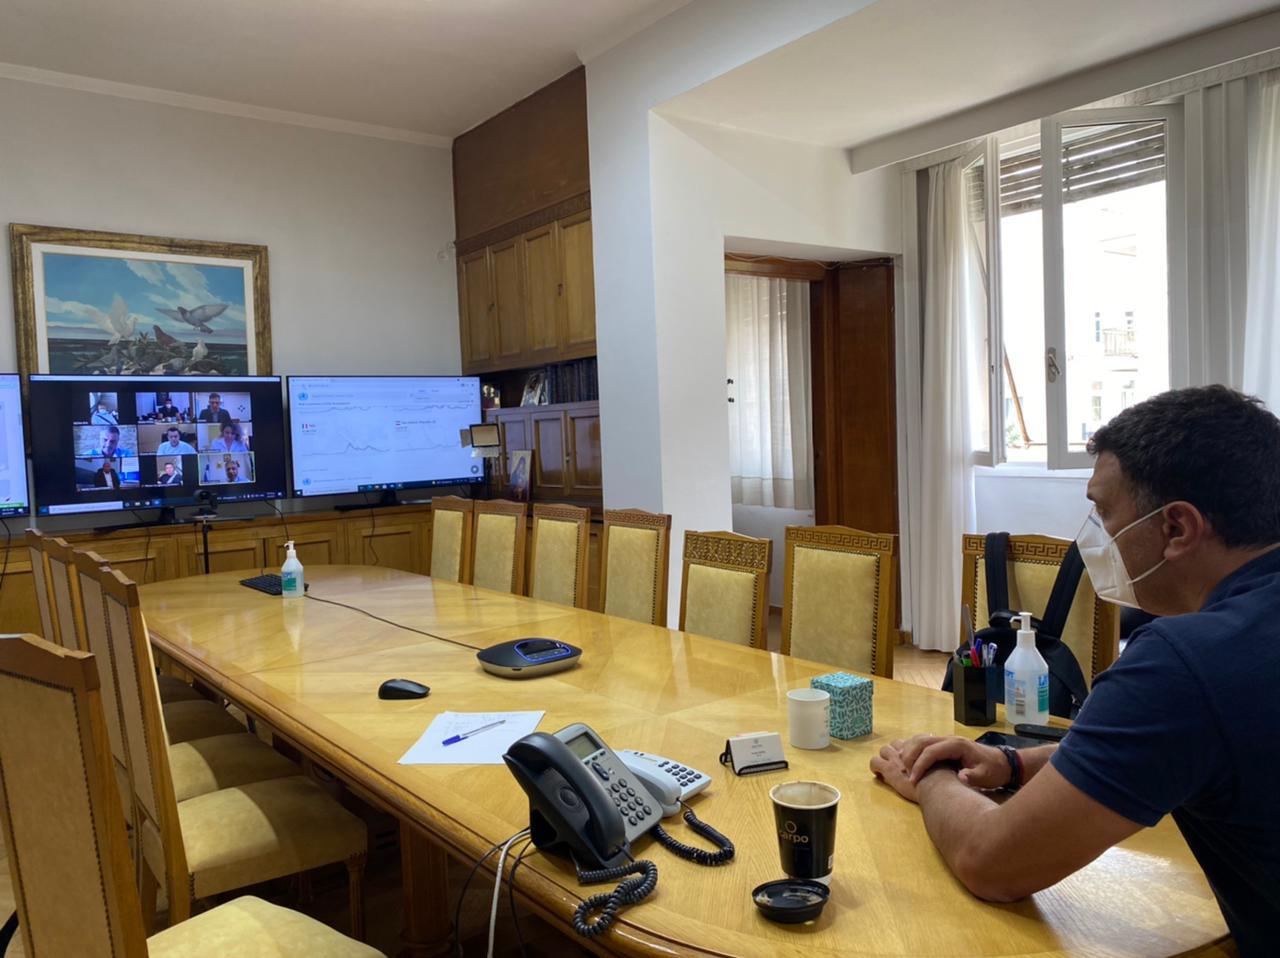 Βασίλης Κικίλιας: Συγκάλεσε σύσκεψη για την επιχειρησιακή ετοιμότητα του ΕΣΥ